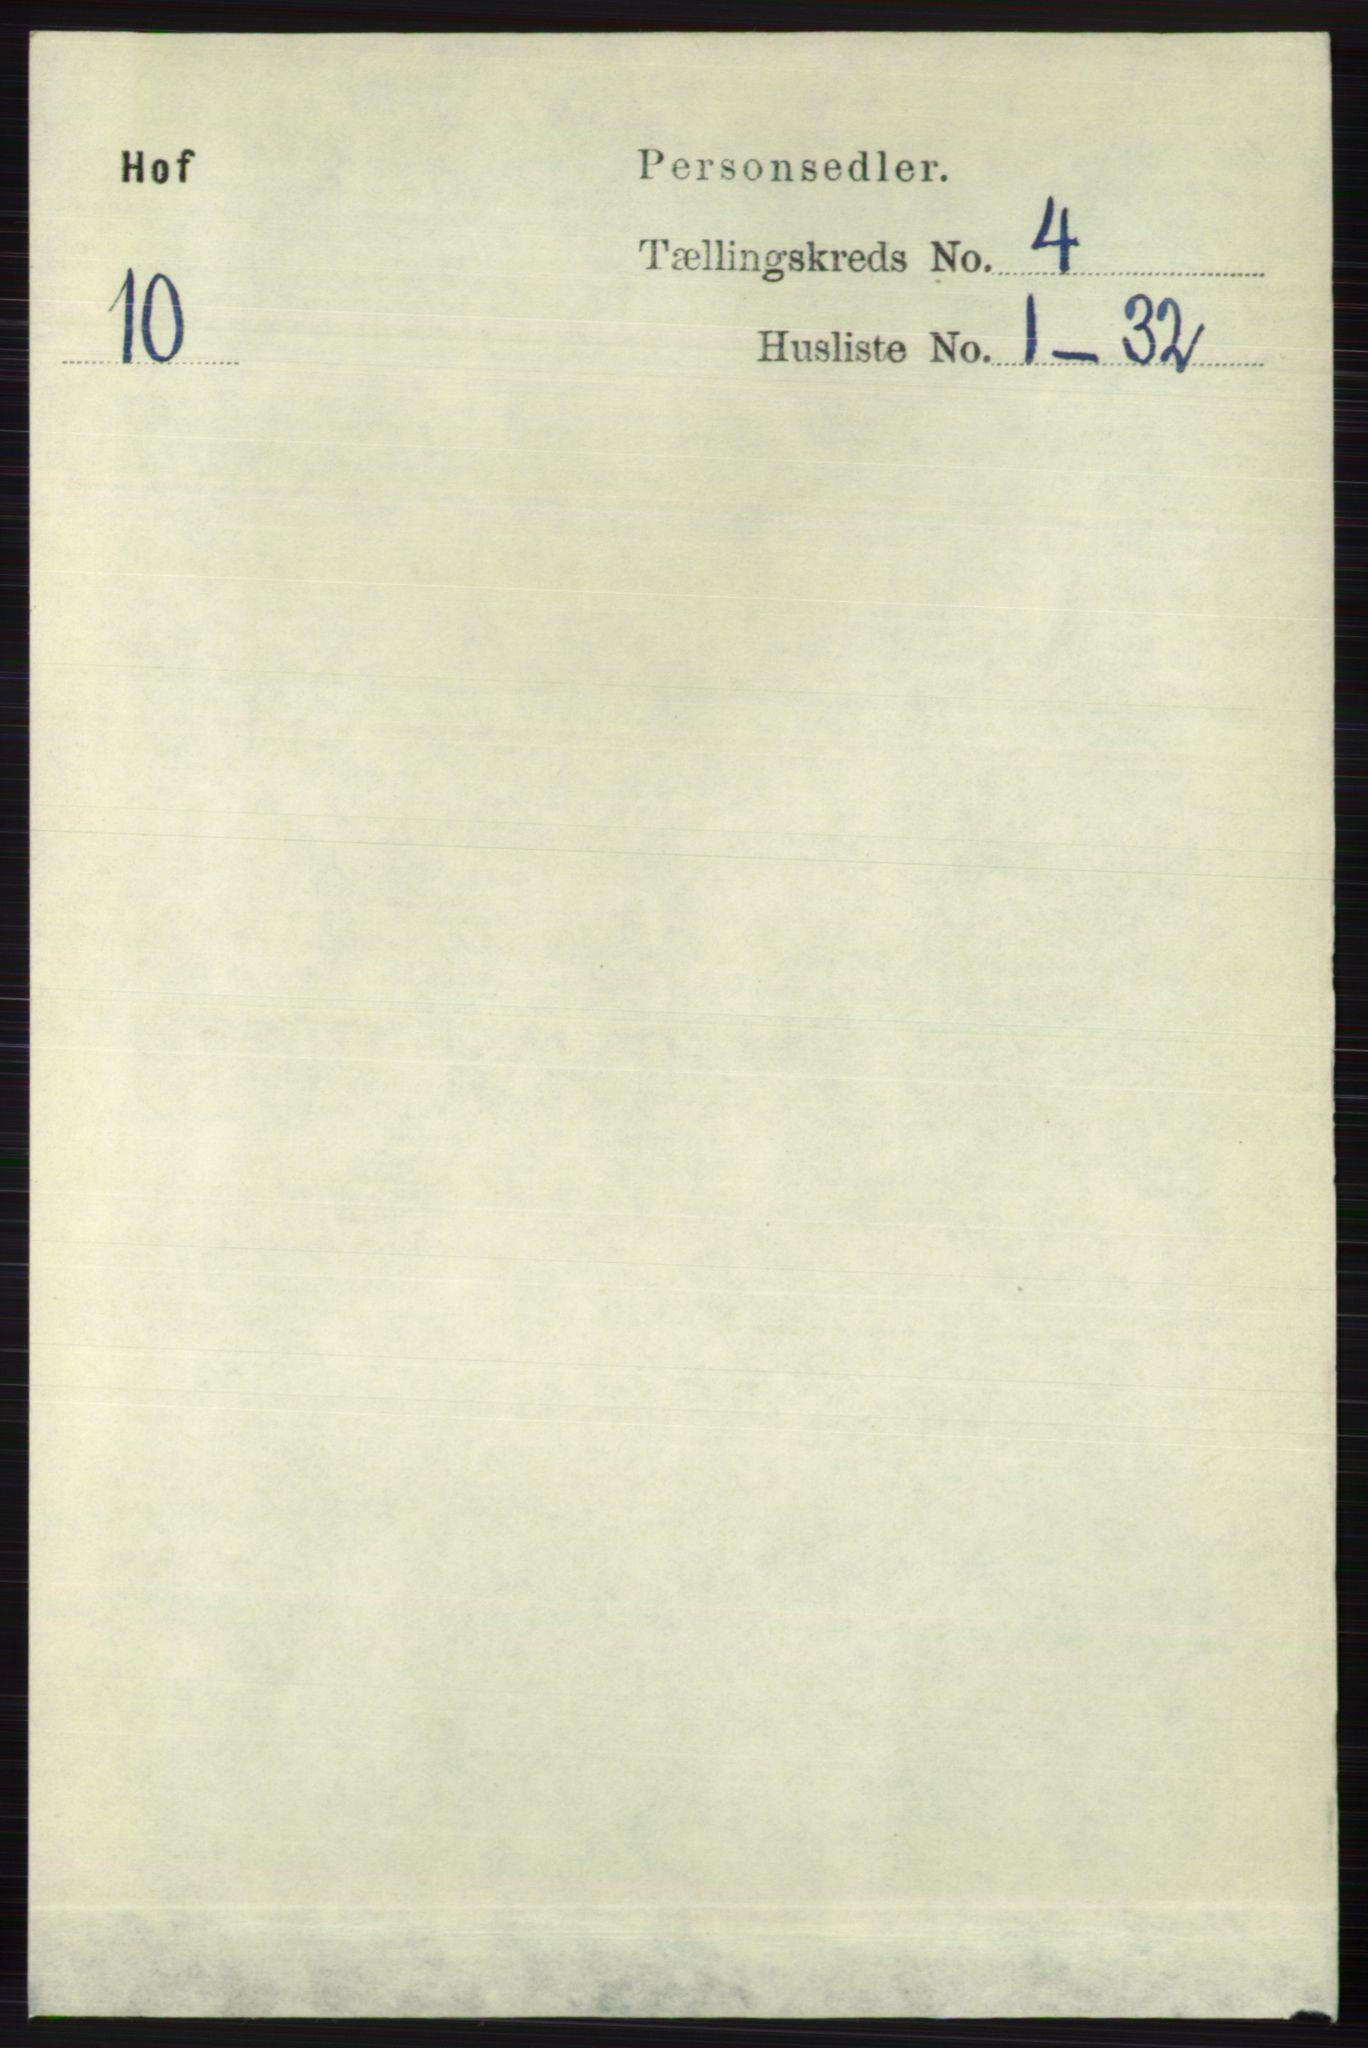 RA, Folketelling 1891 for 0714 Hof herred, 1891, s. 1129